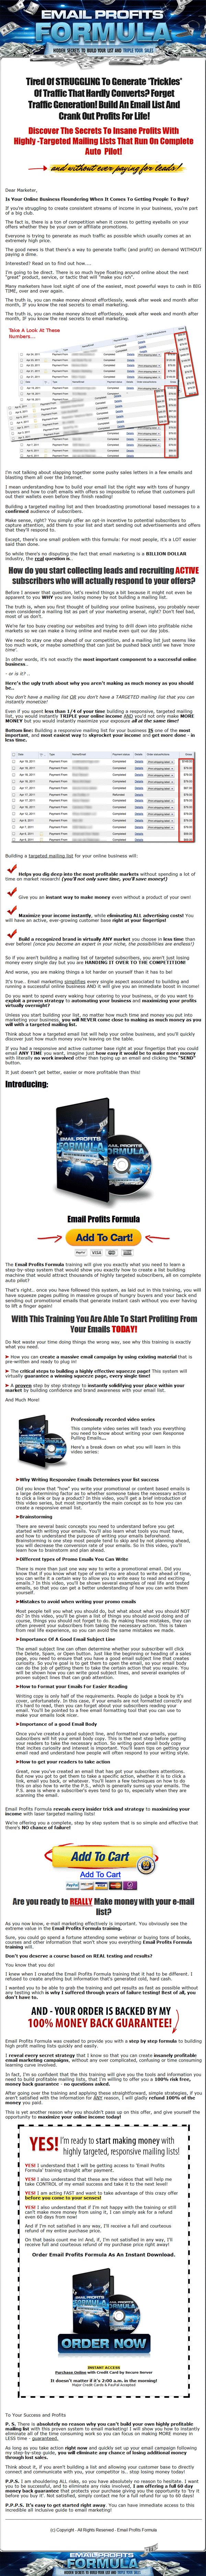 email profits formula